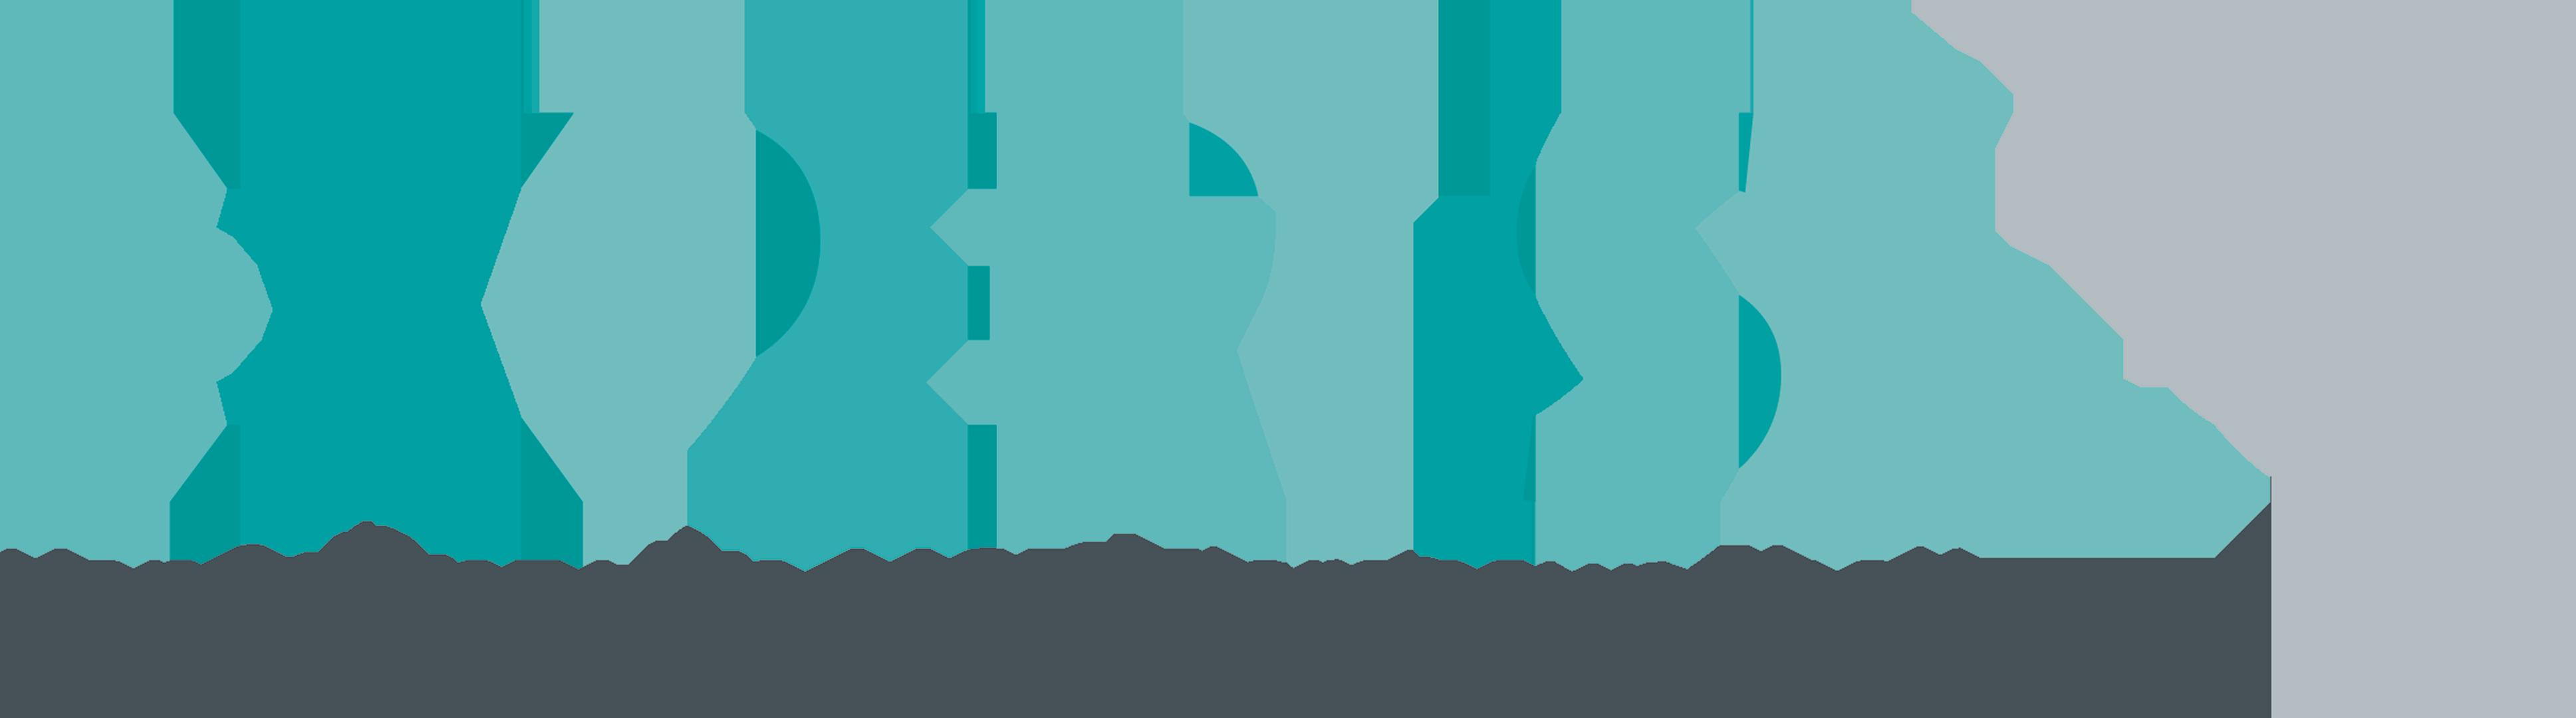 pharma werbung wegener msd tiergesundheit expertise 2018 logo